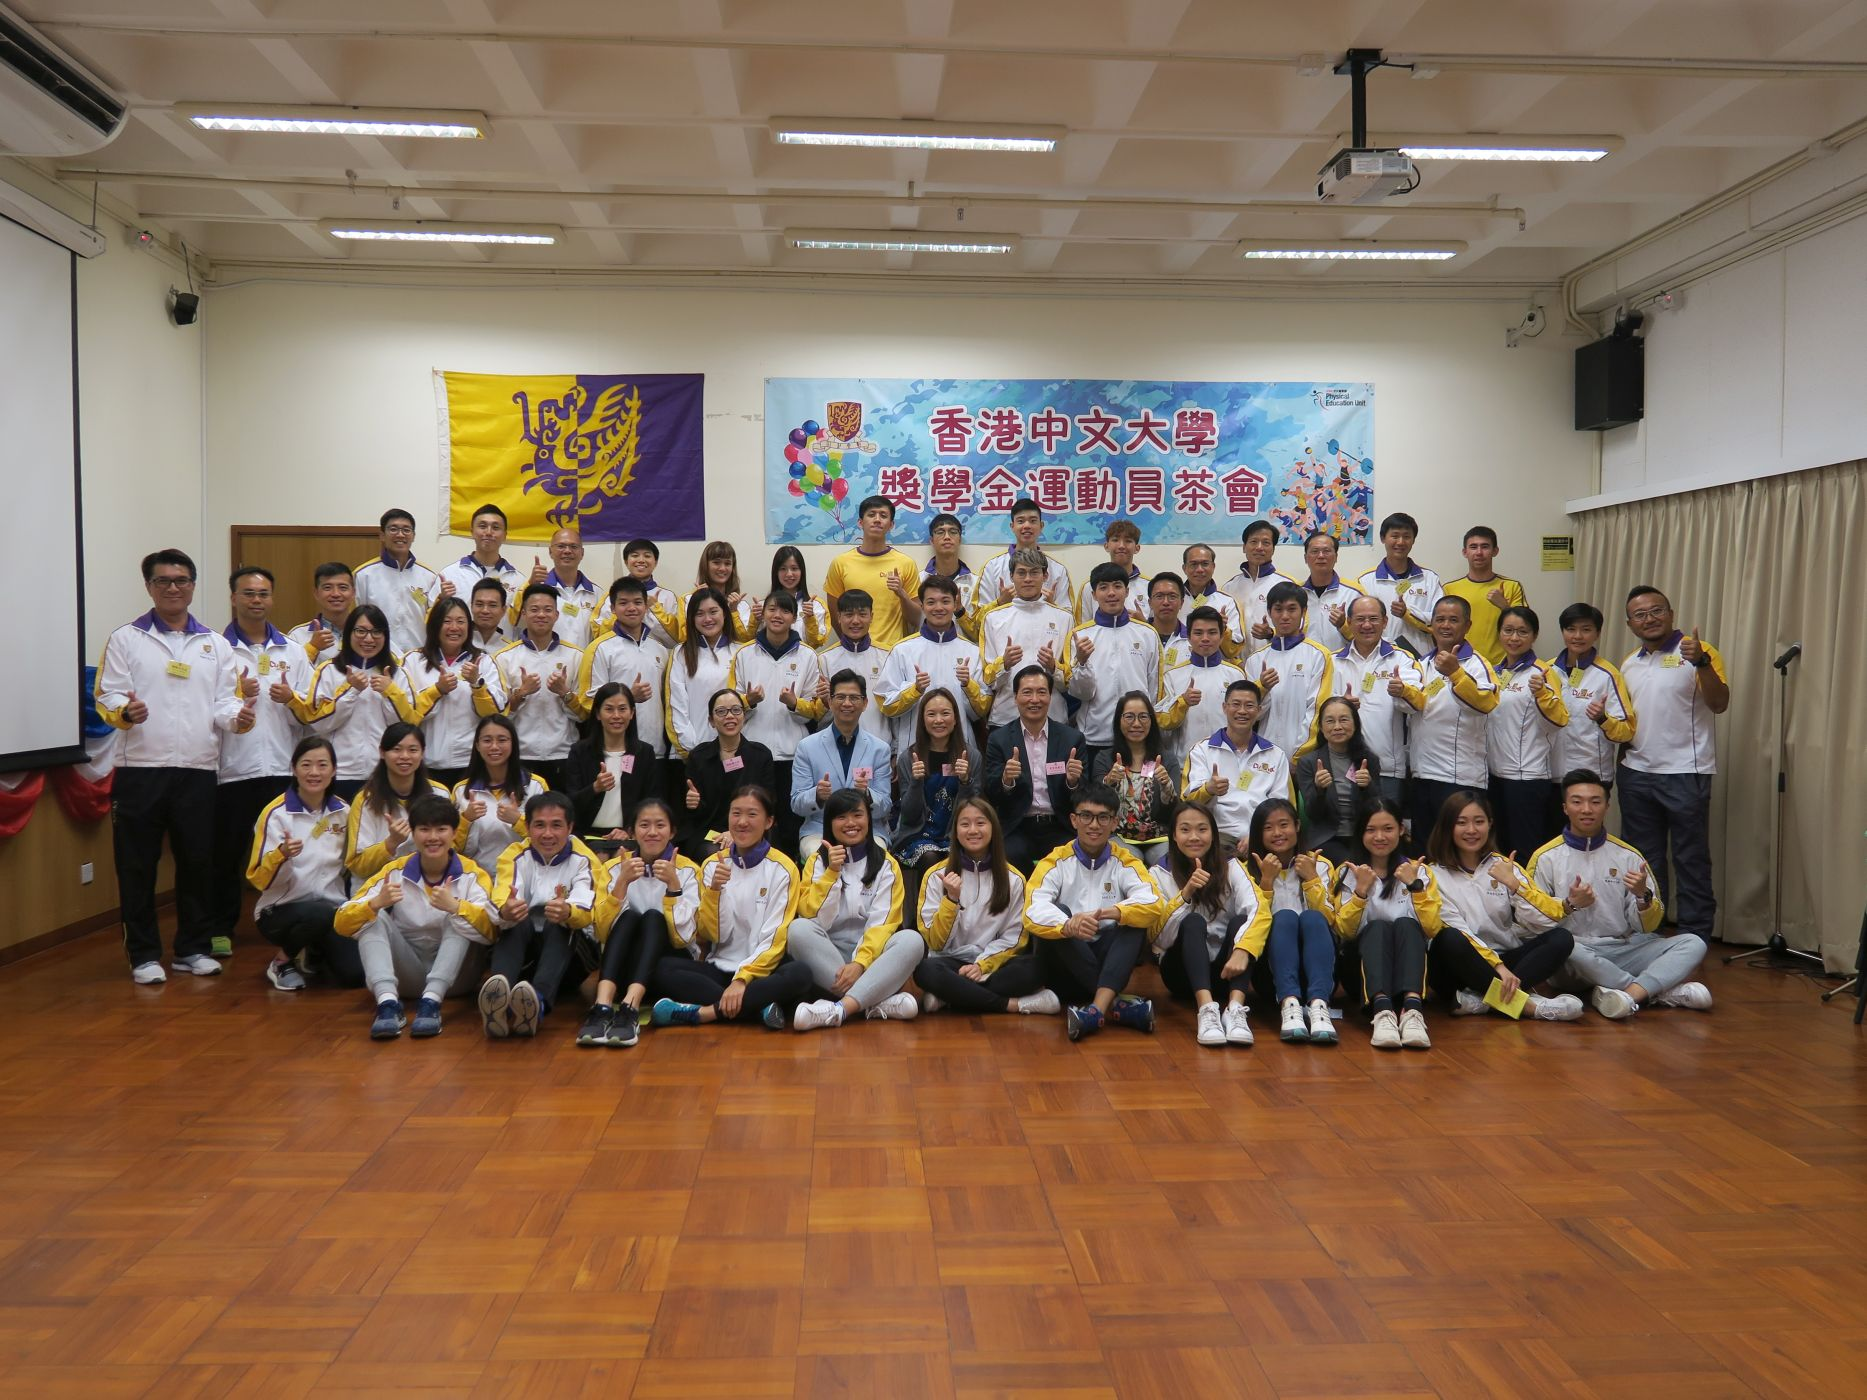 香港中文大学奖学金运动员茶会2019